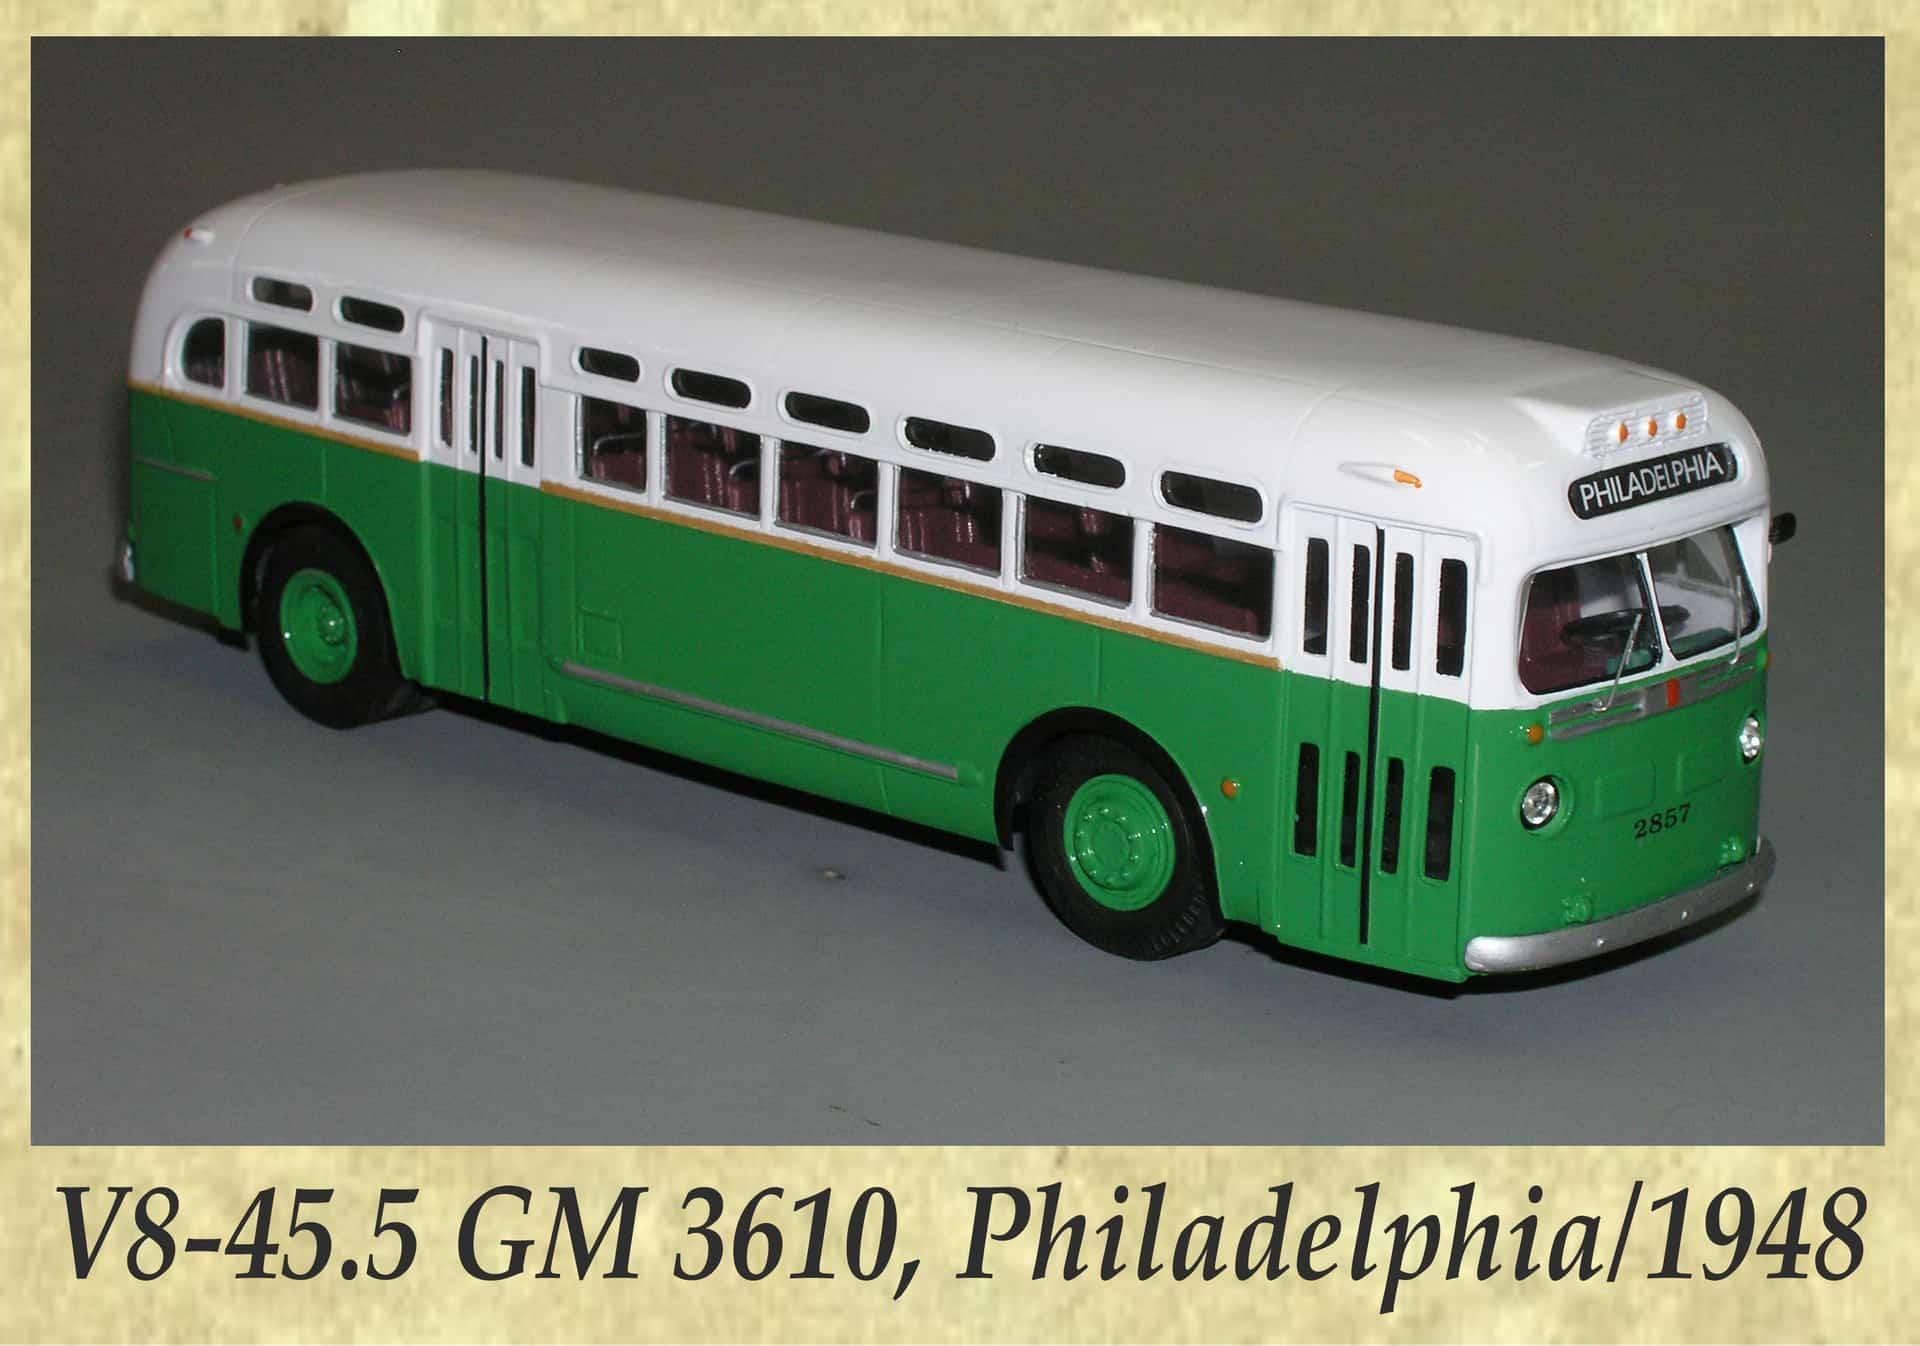 V8-45.5 GM 3610, Philadelphia 1948